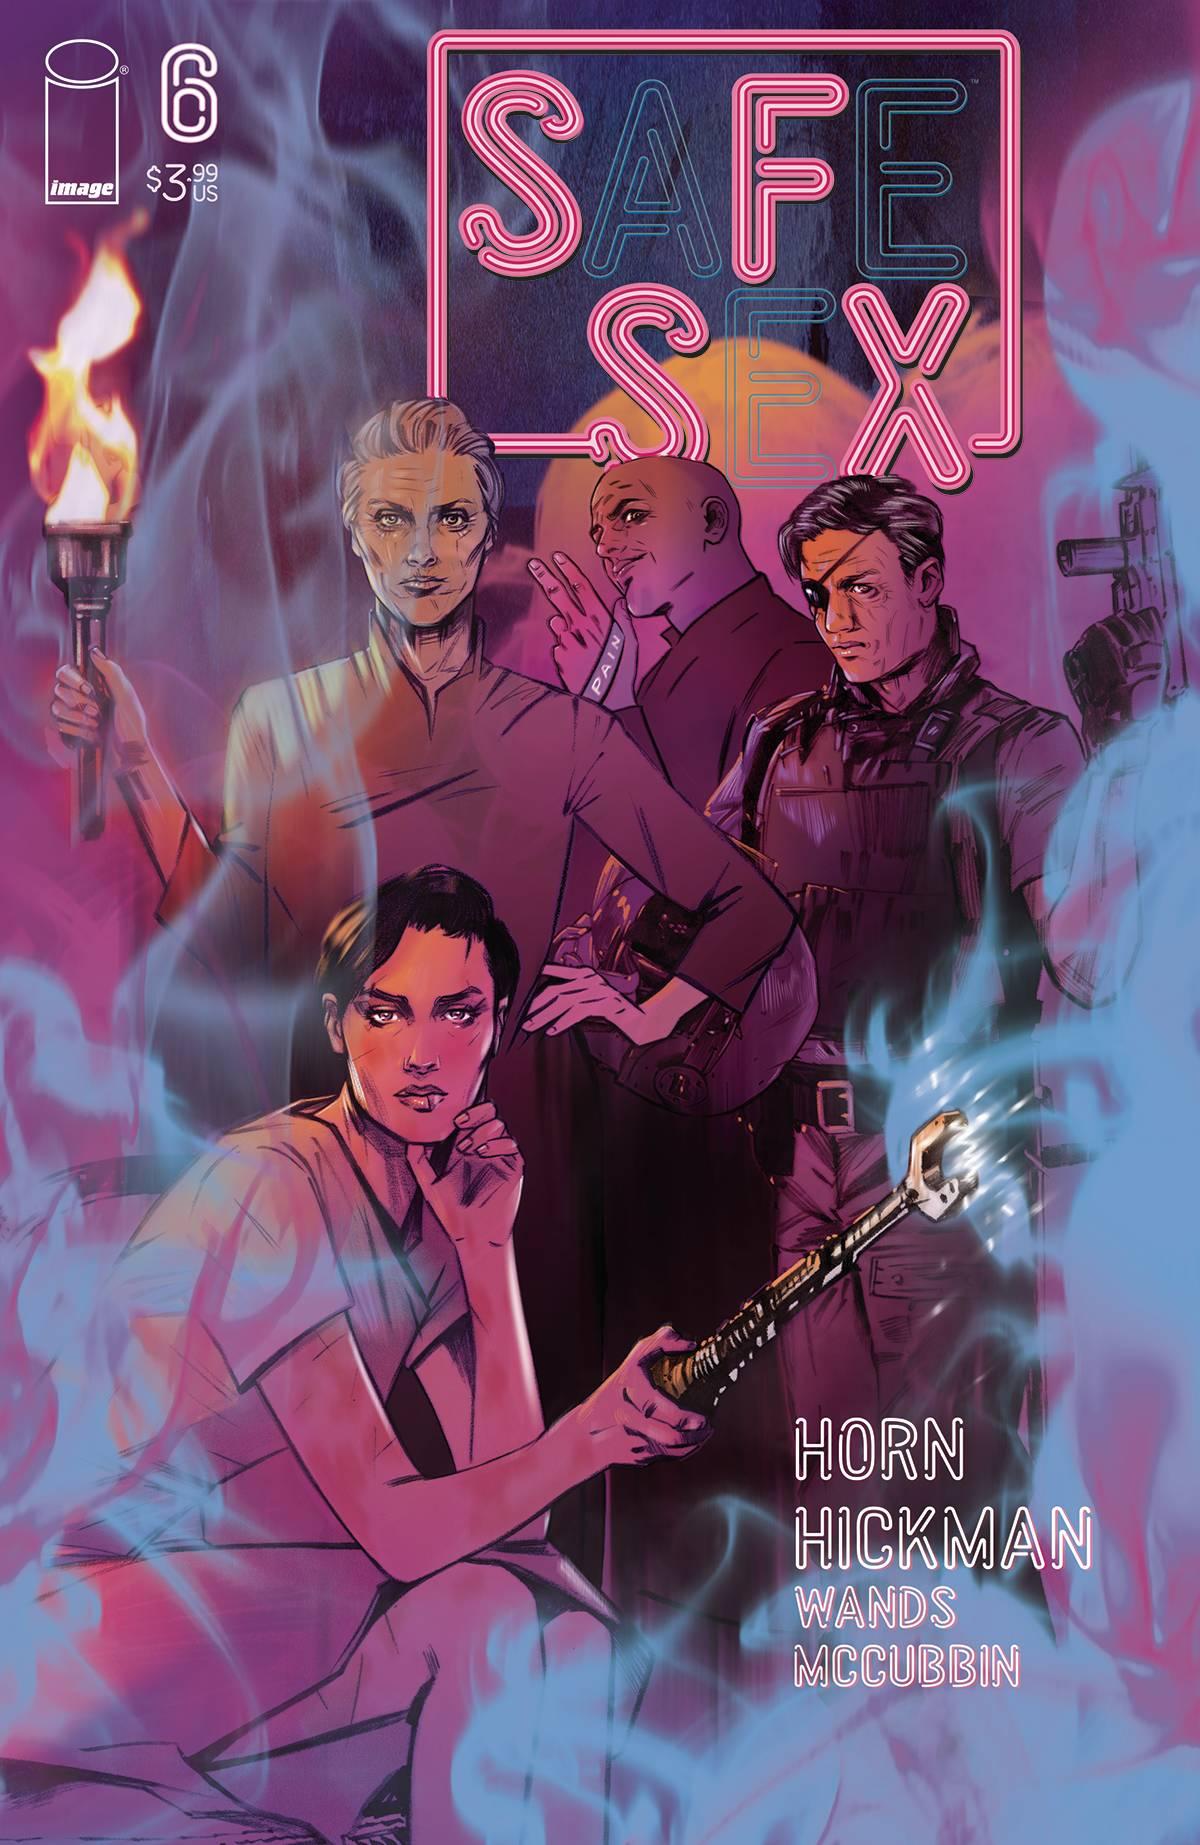 SFSX (Safe Sex) #6 (2020)